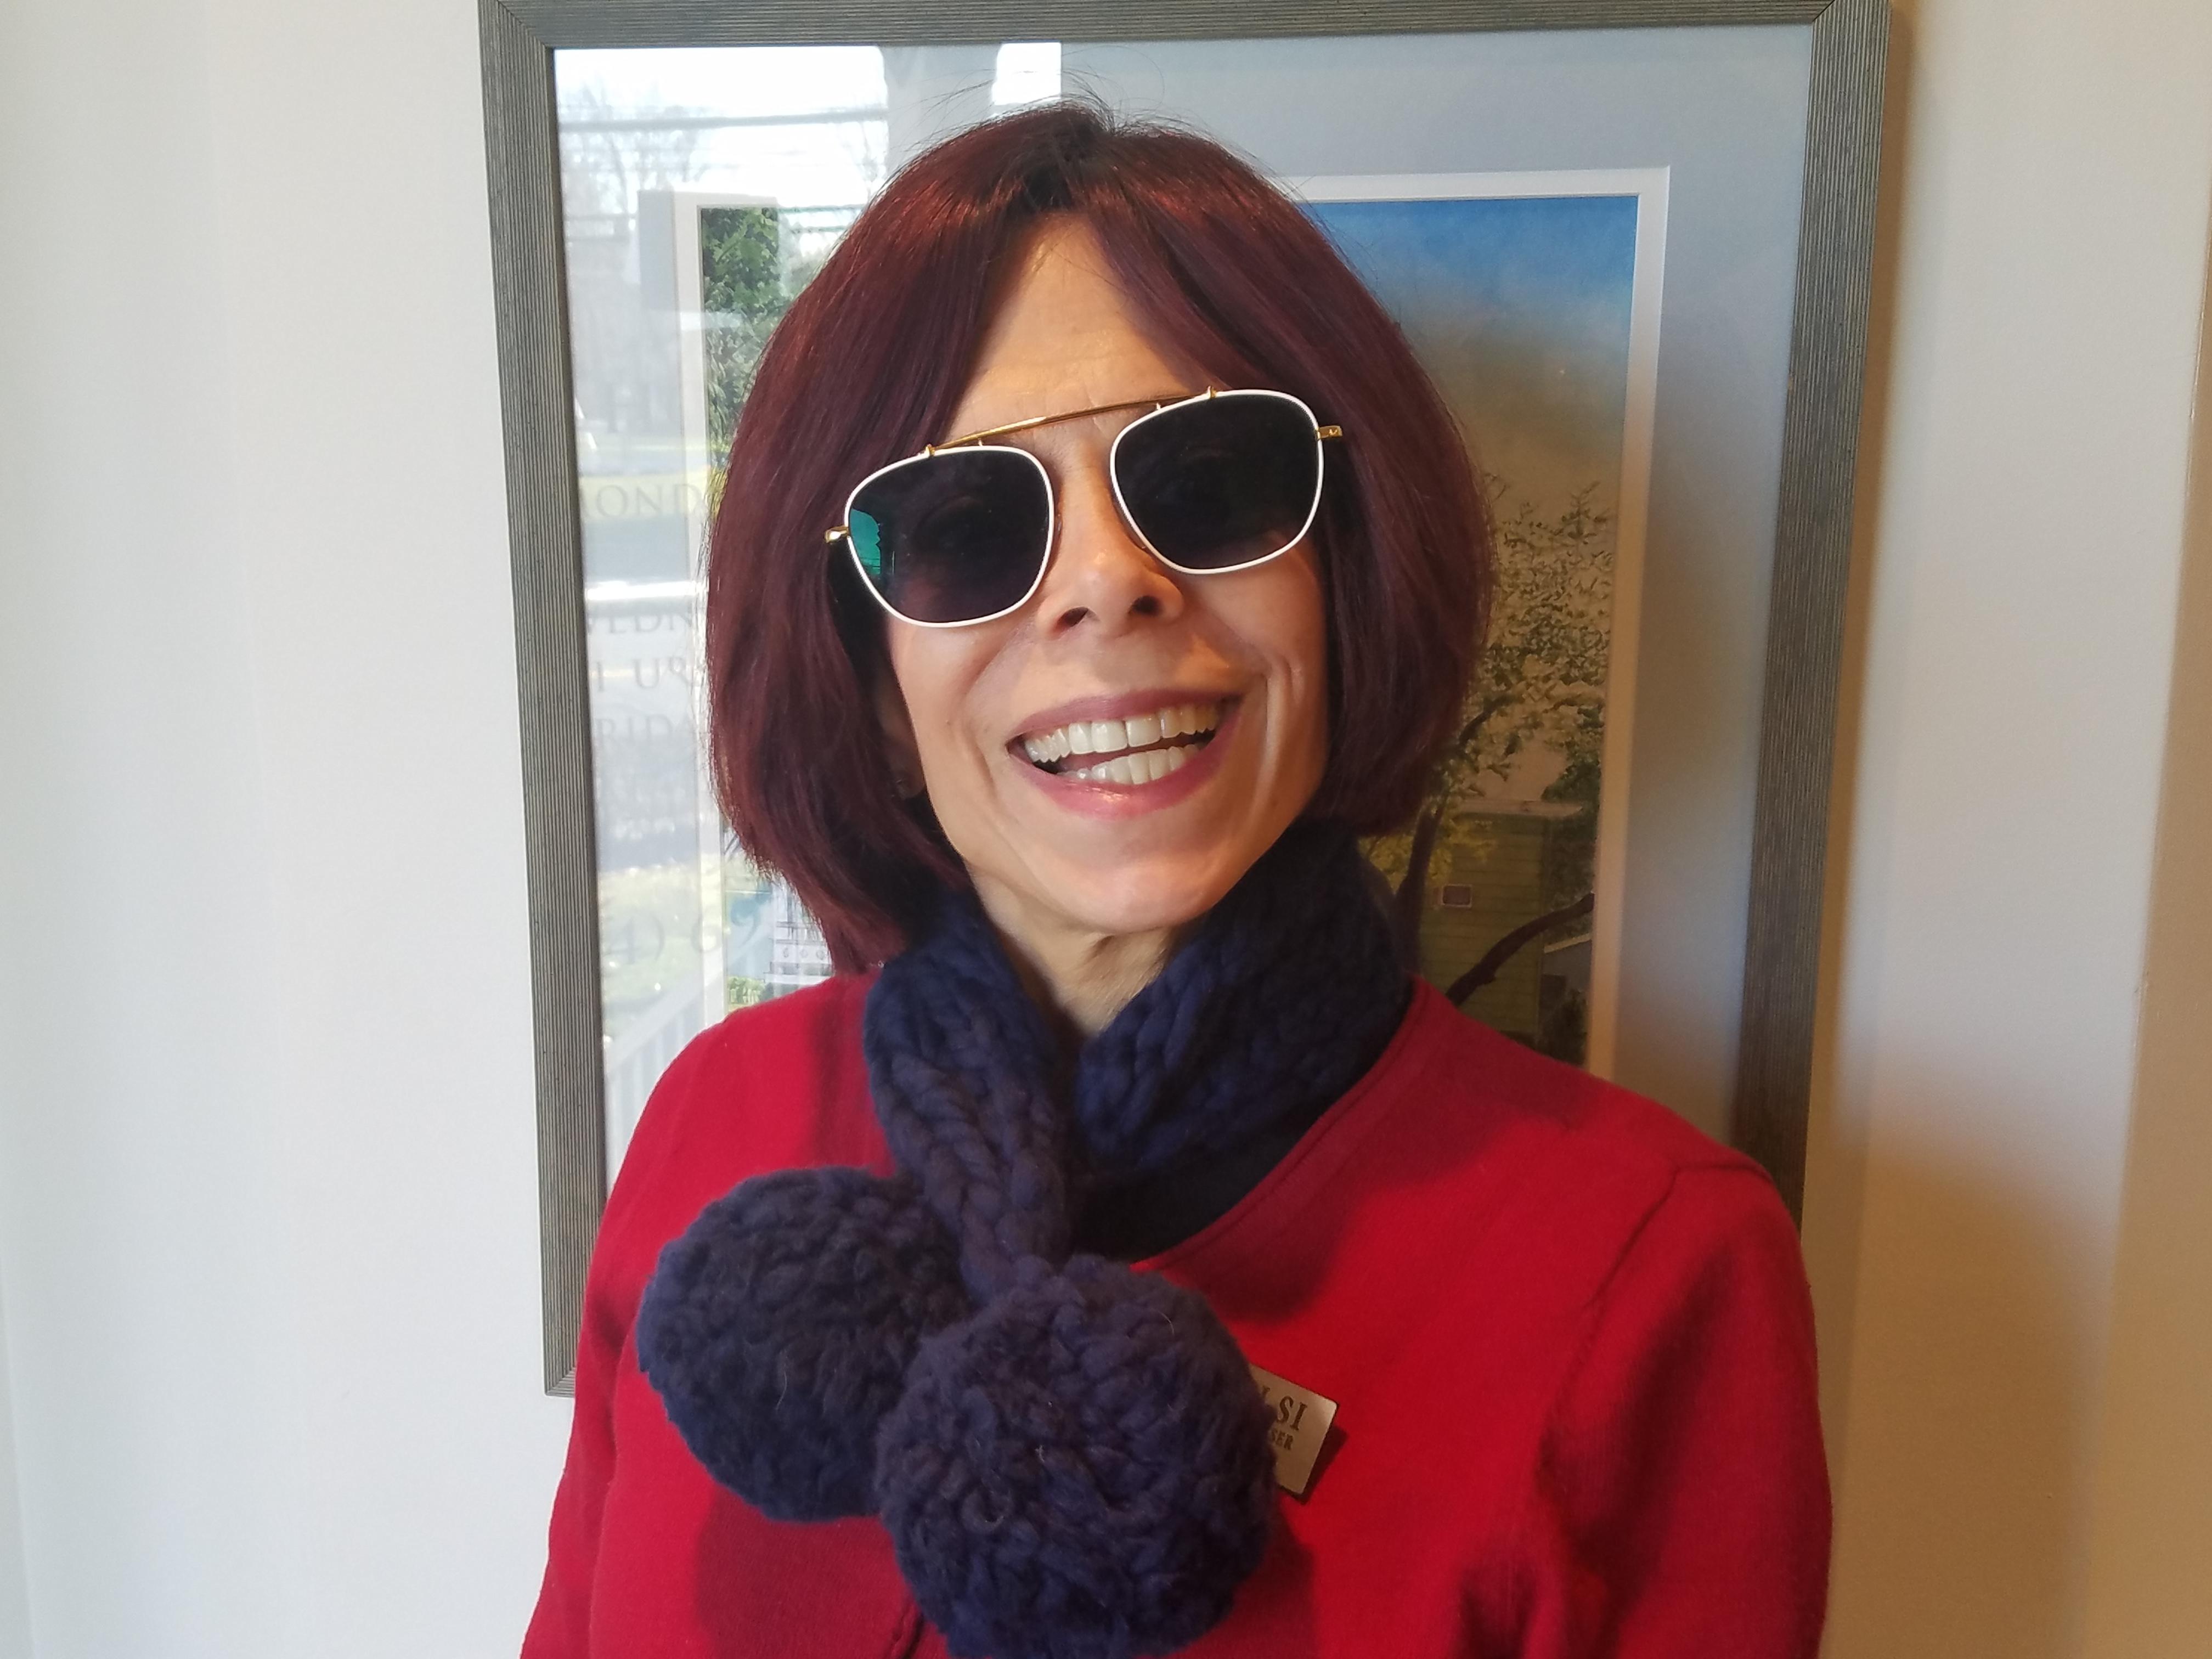 Teresa wearing Toms